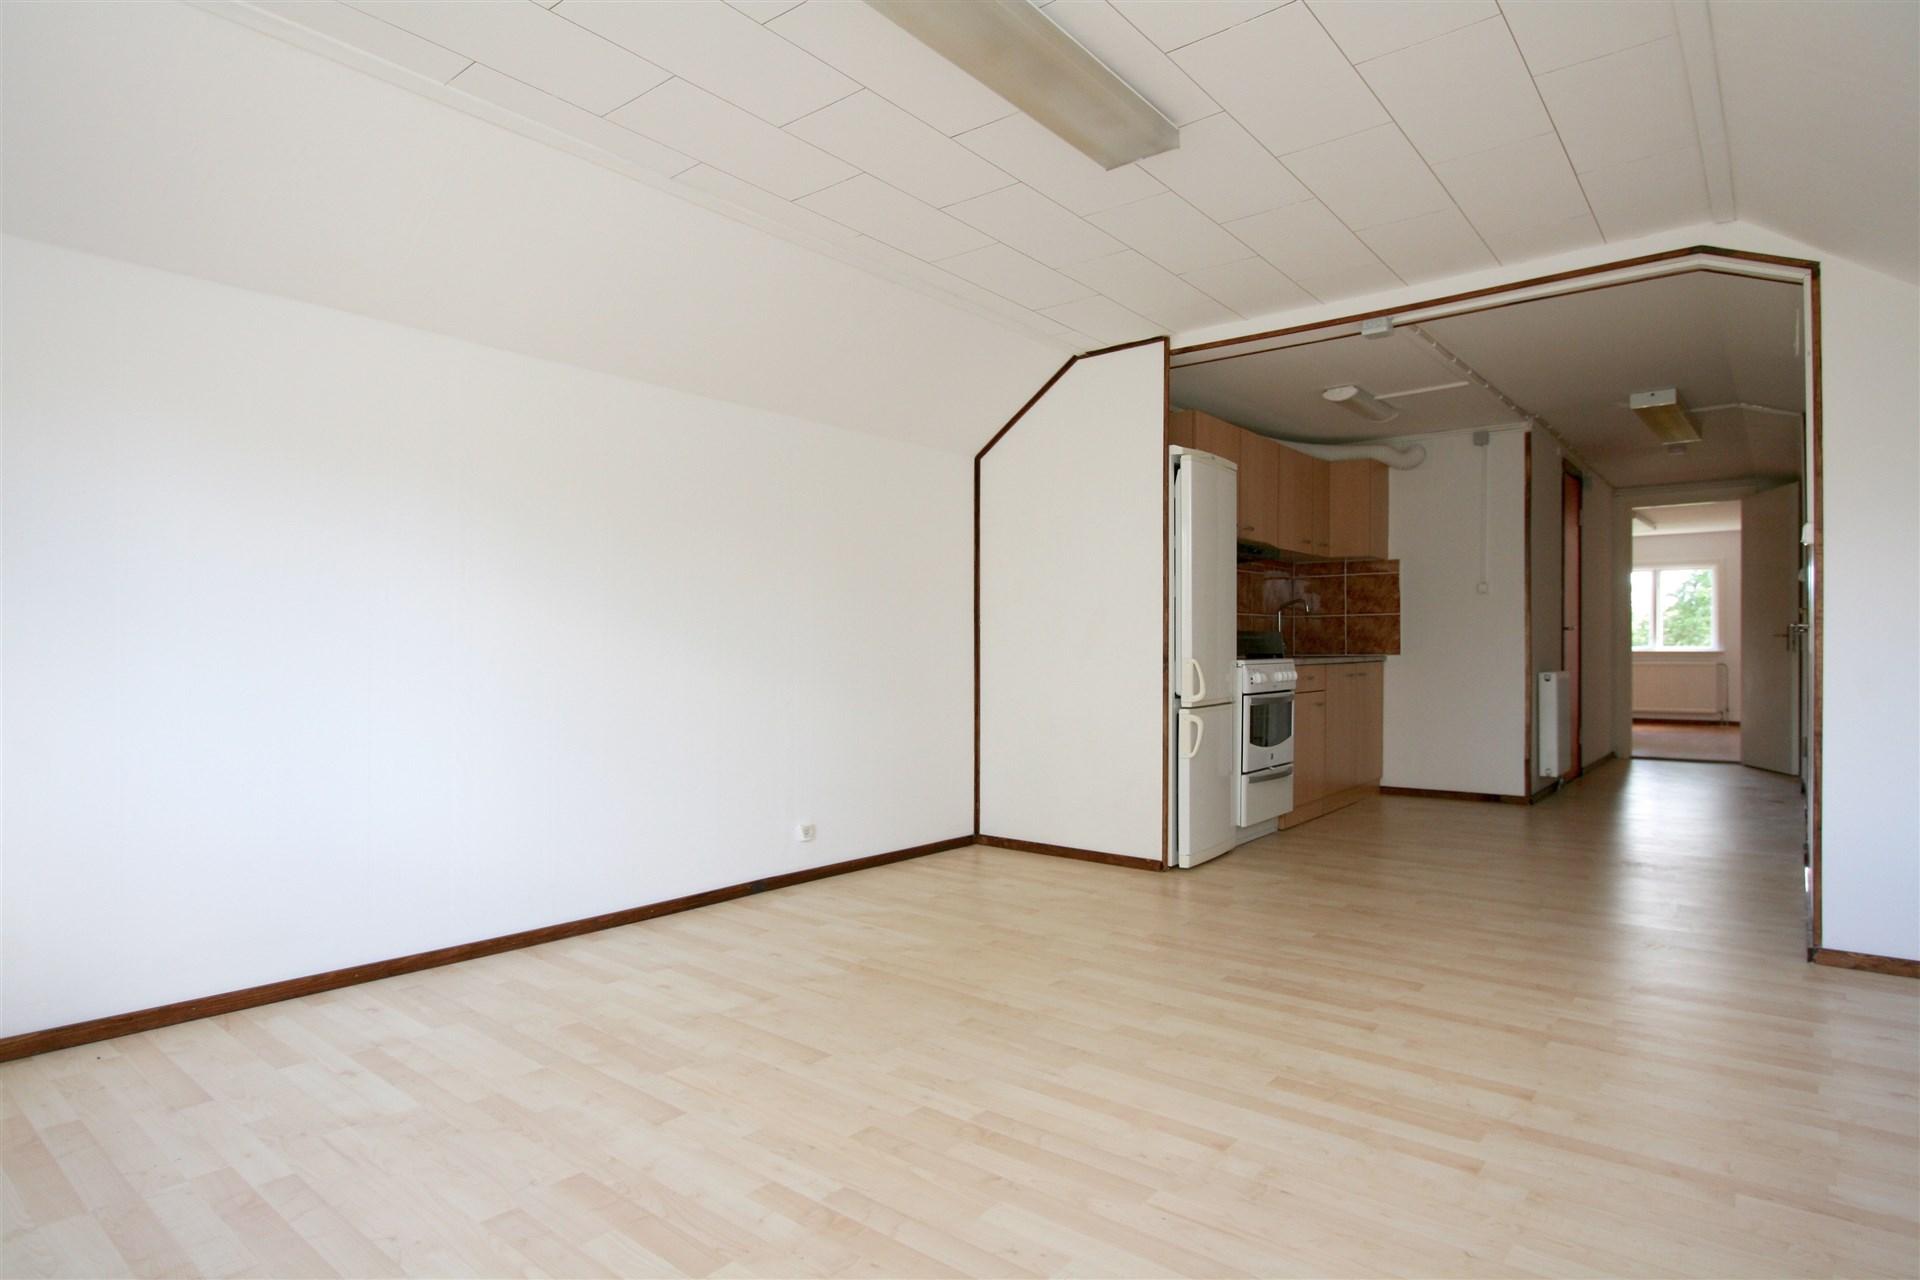 Lägenhet nr 5